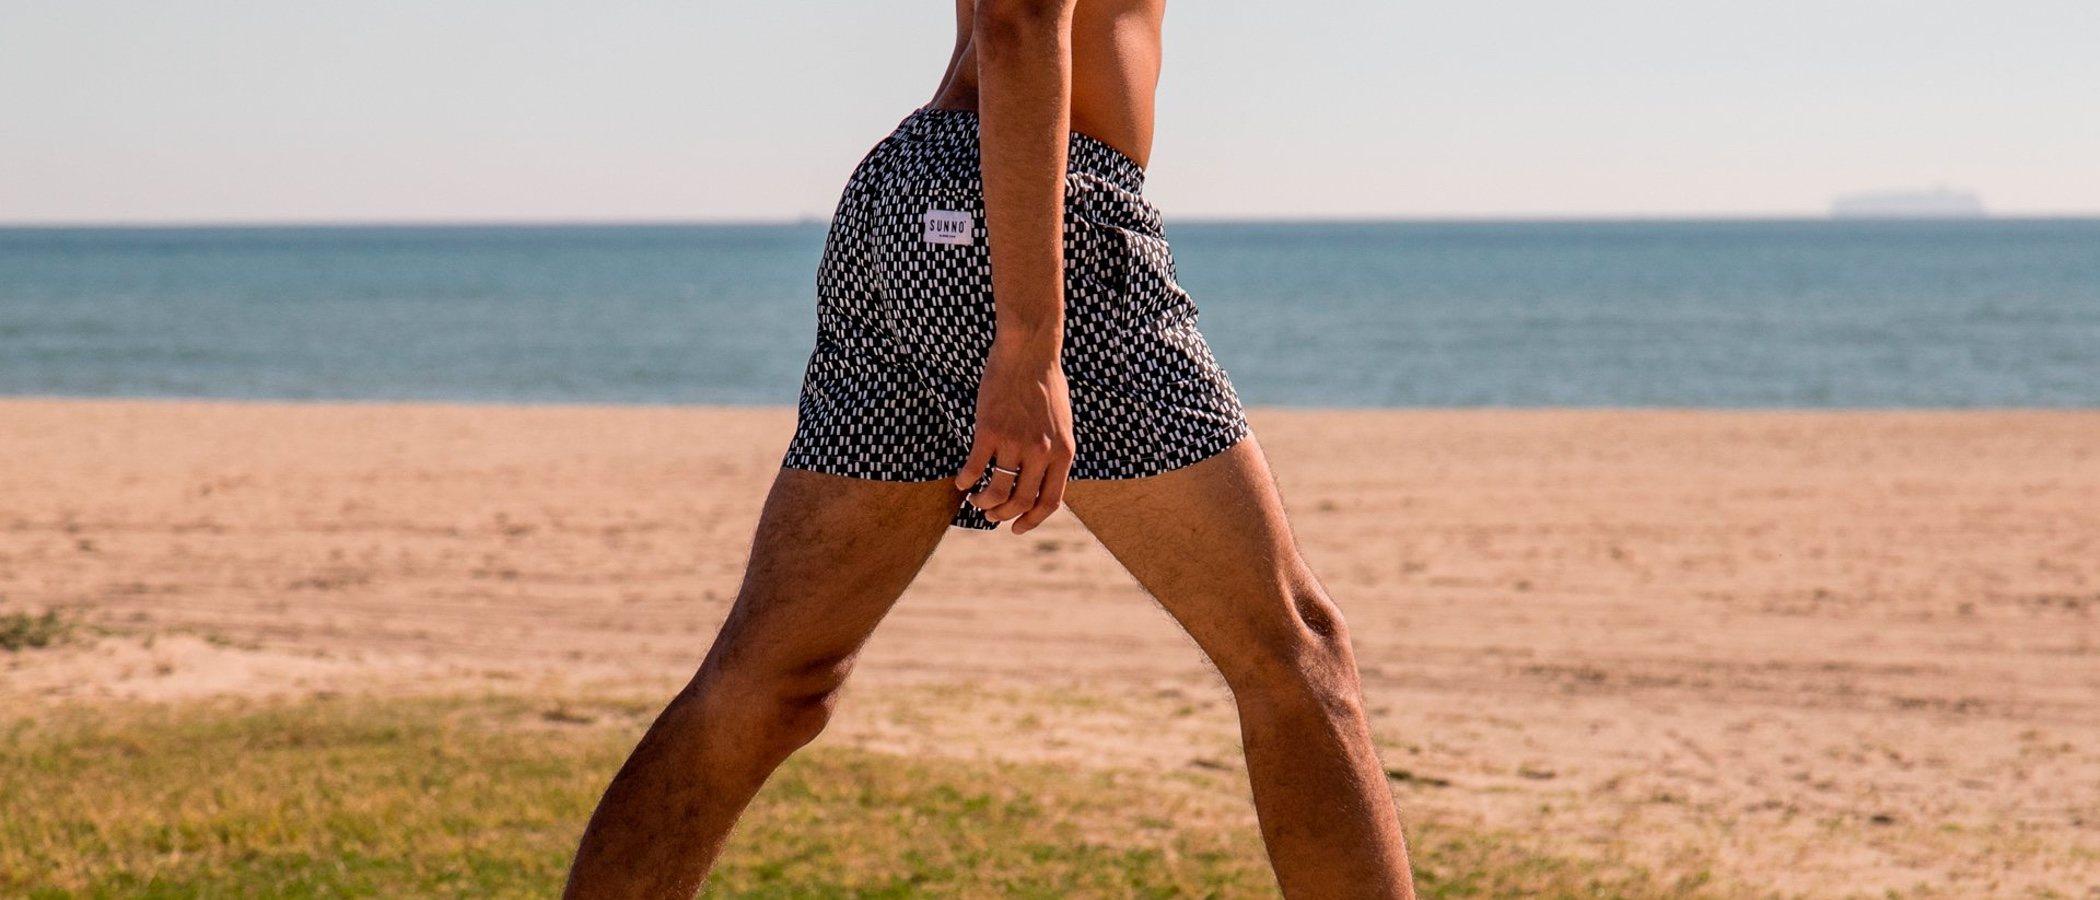 Sunno by Benne Cape, los únicos bañadores que vas a necesitar este verano